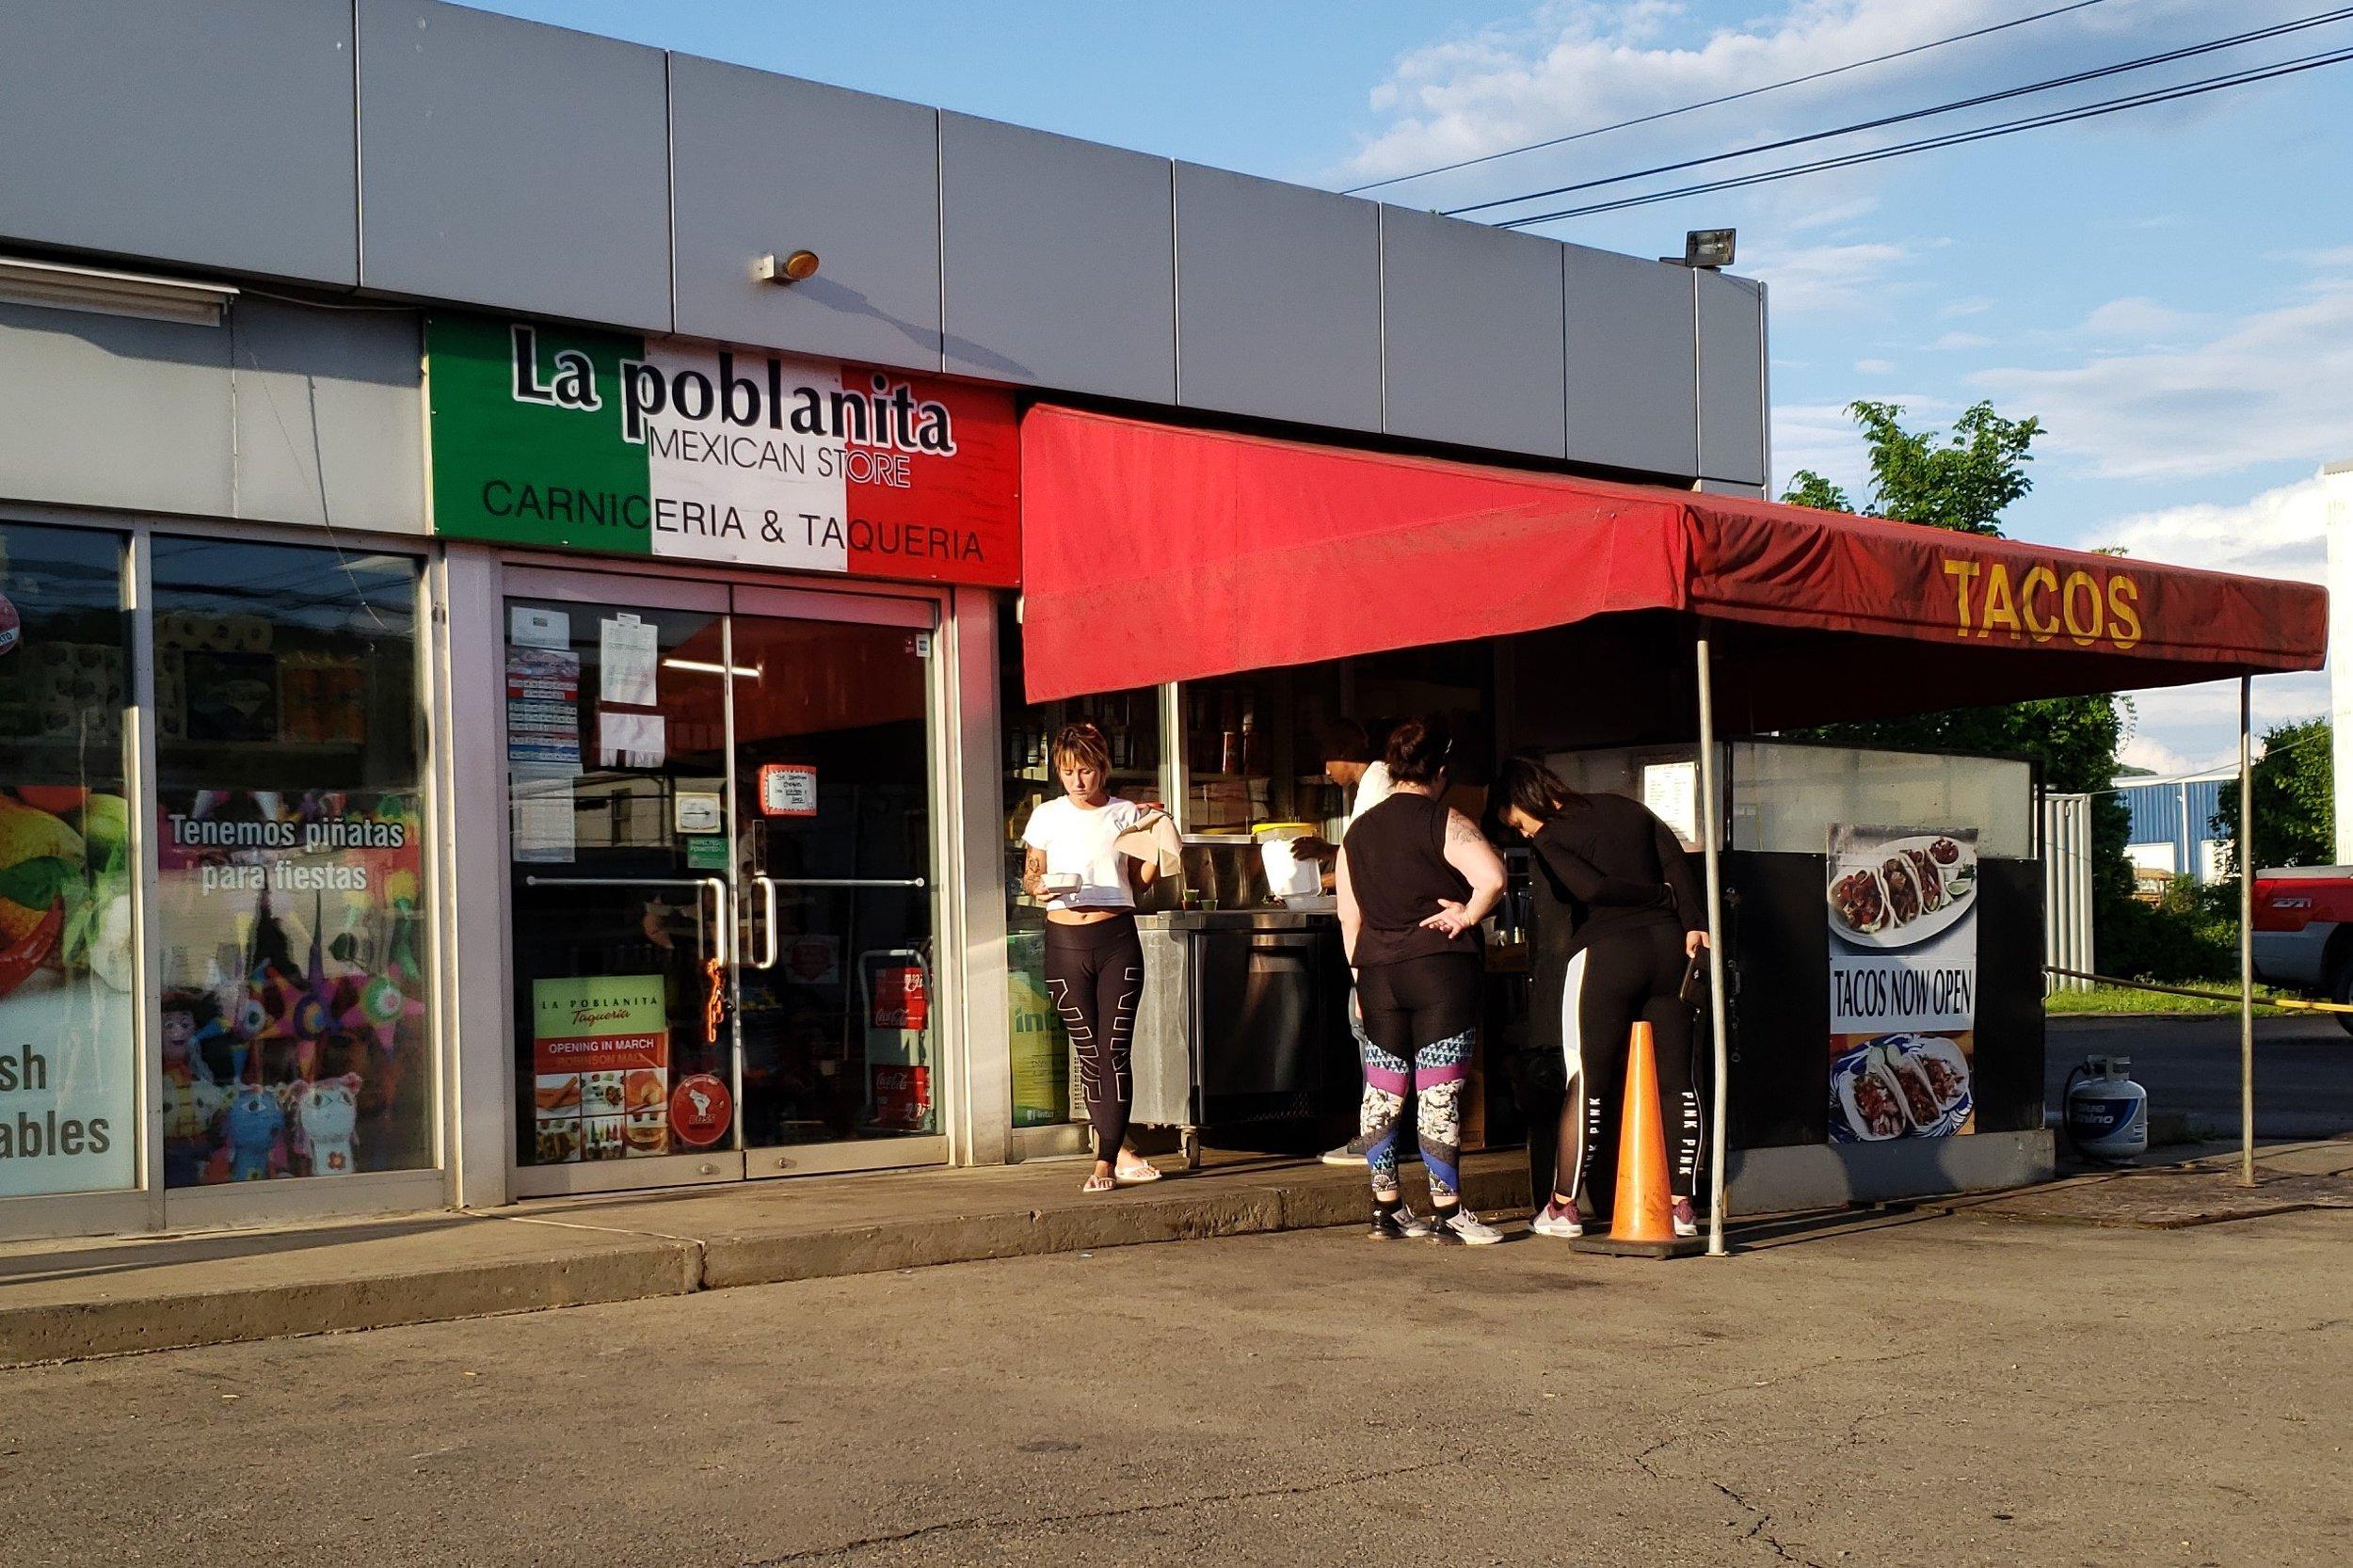 La Poblanita Mexican Market and Taco Stand - 801 4th Ave, (412) 716-7768